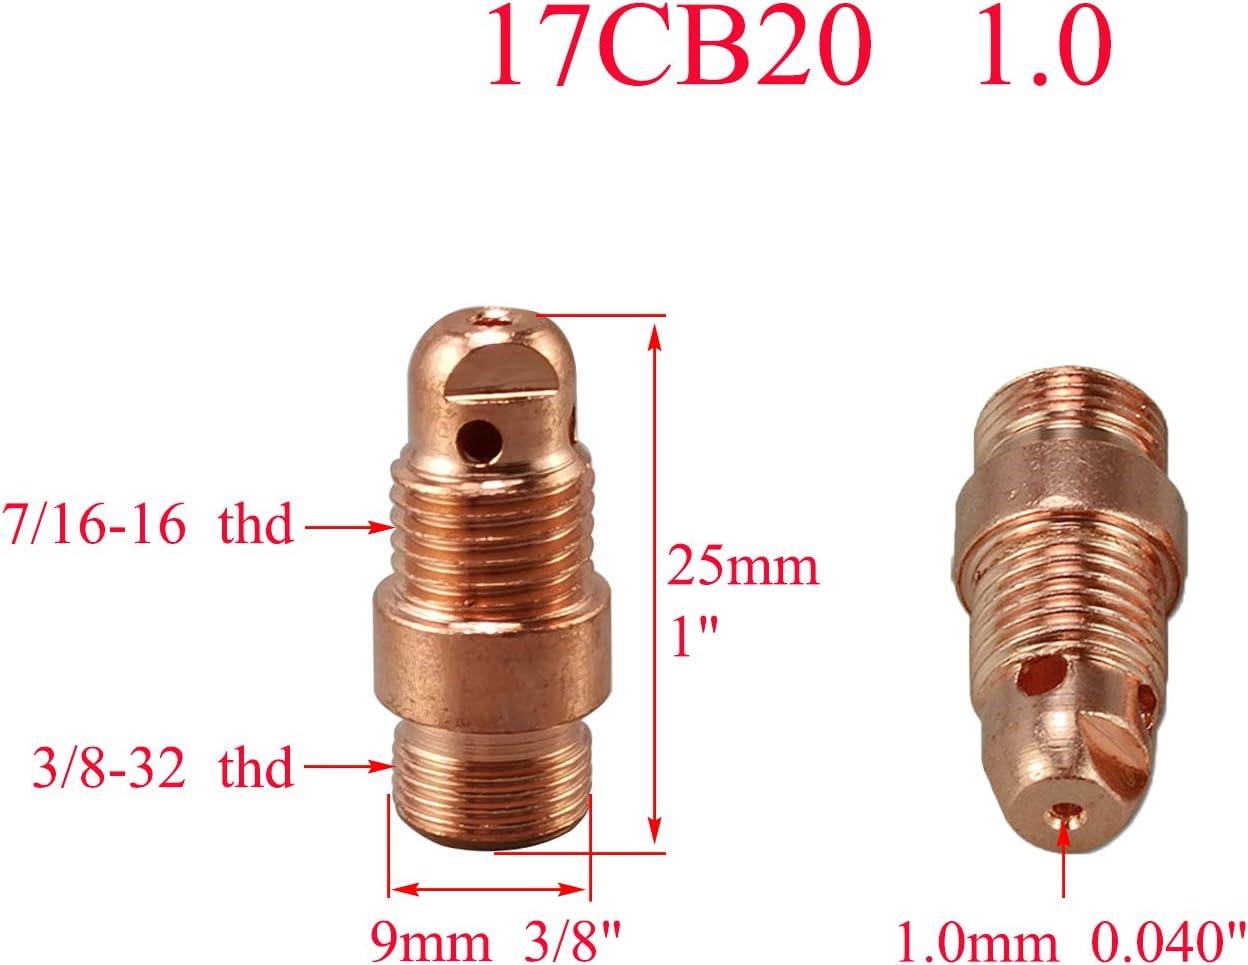 kesoto 2 Set Accesorios TIG Gas Lente Pinzas Al/úmin/α Boquillas Casquillo Trasero Kit Incluye Boquilla Gu/ía de Flujo Junta Aislante Collar Lentes de Gas